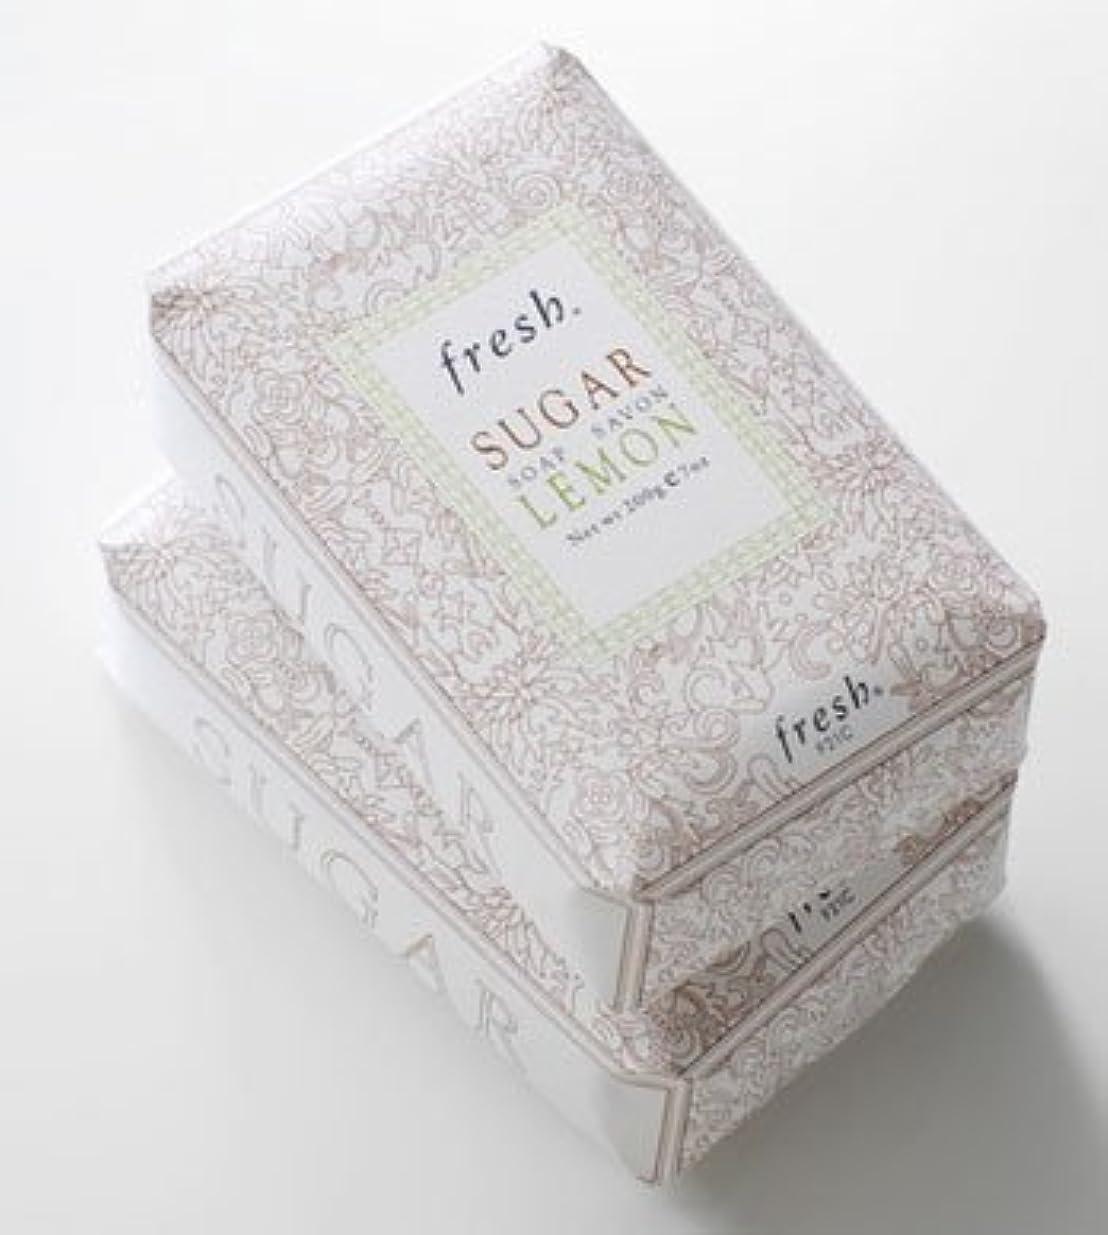 つまずく寄託汚すFresh SUGAR LEMON SOAP(フレッシュ シュガーレモン ソープ) 7.0 oz (210g) by Fresh for Women